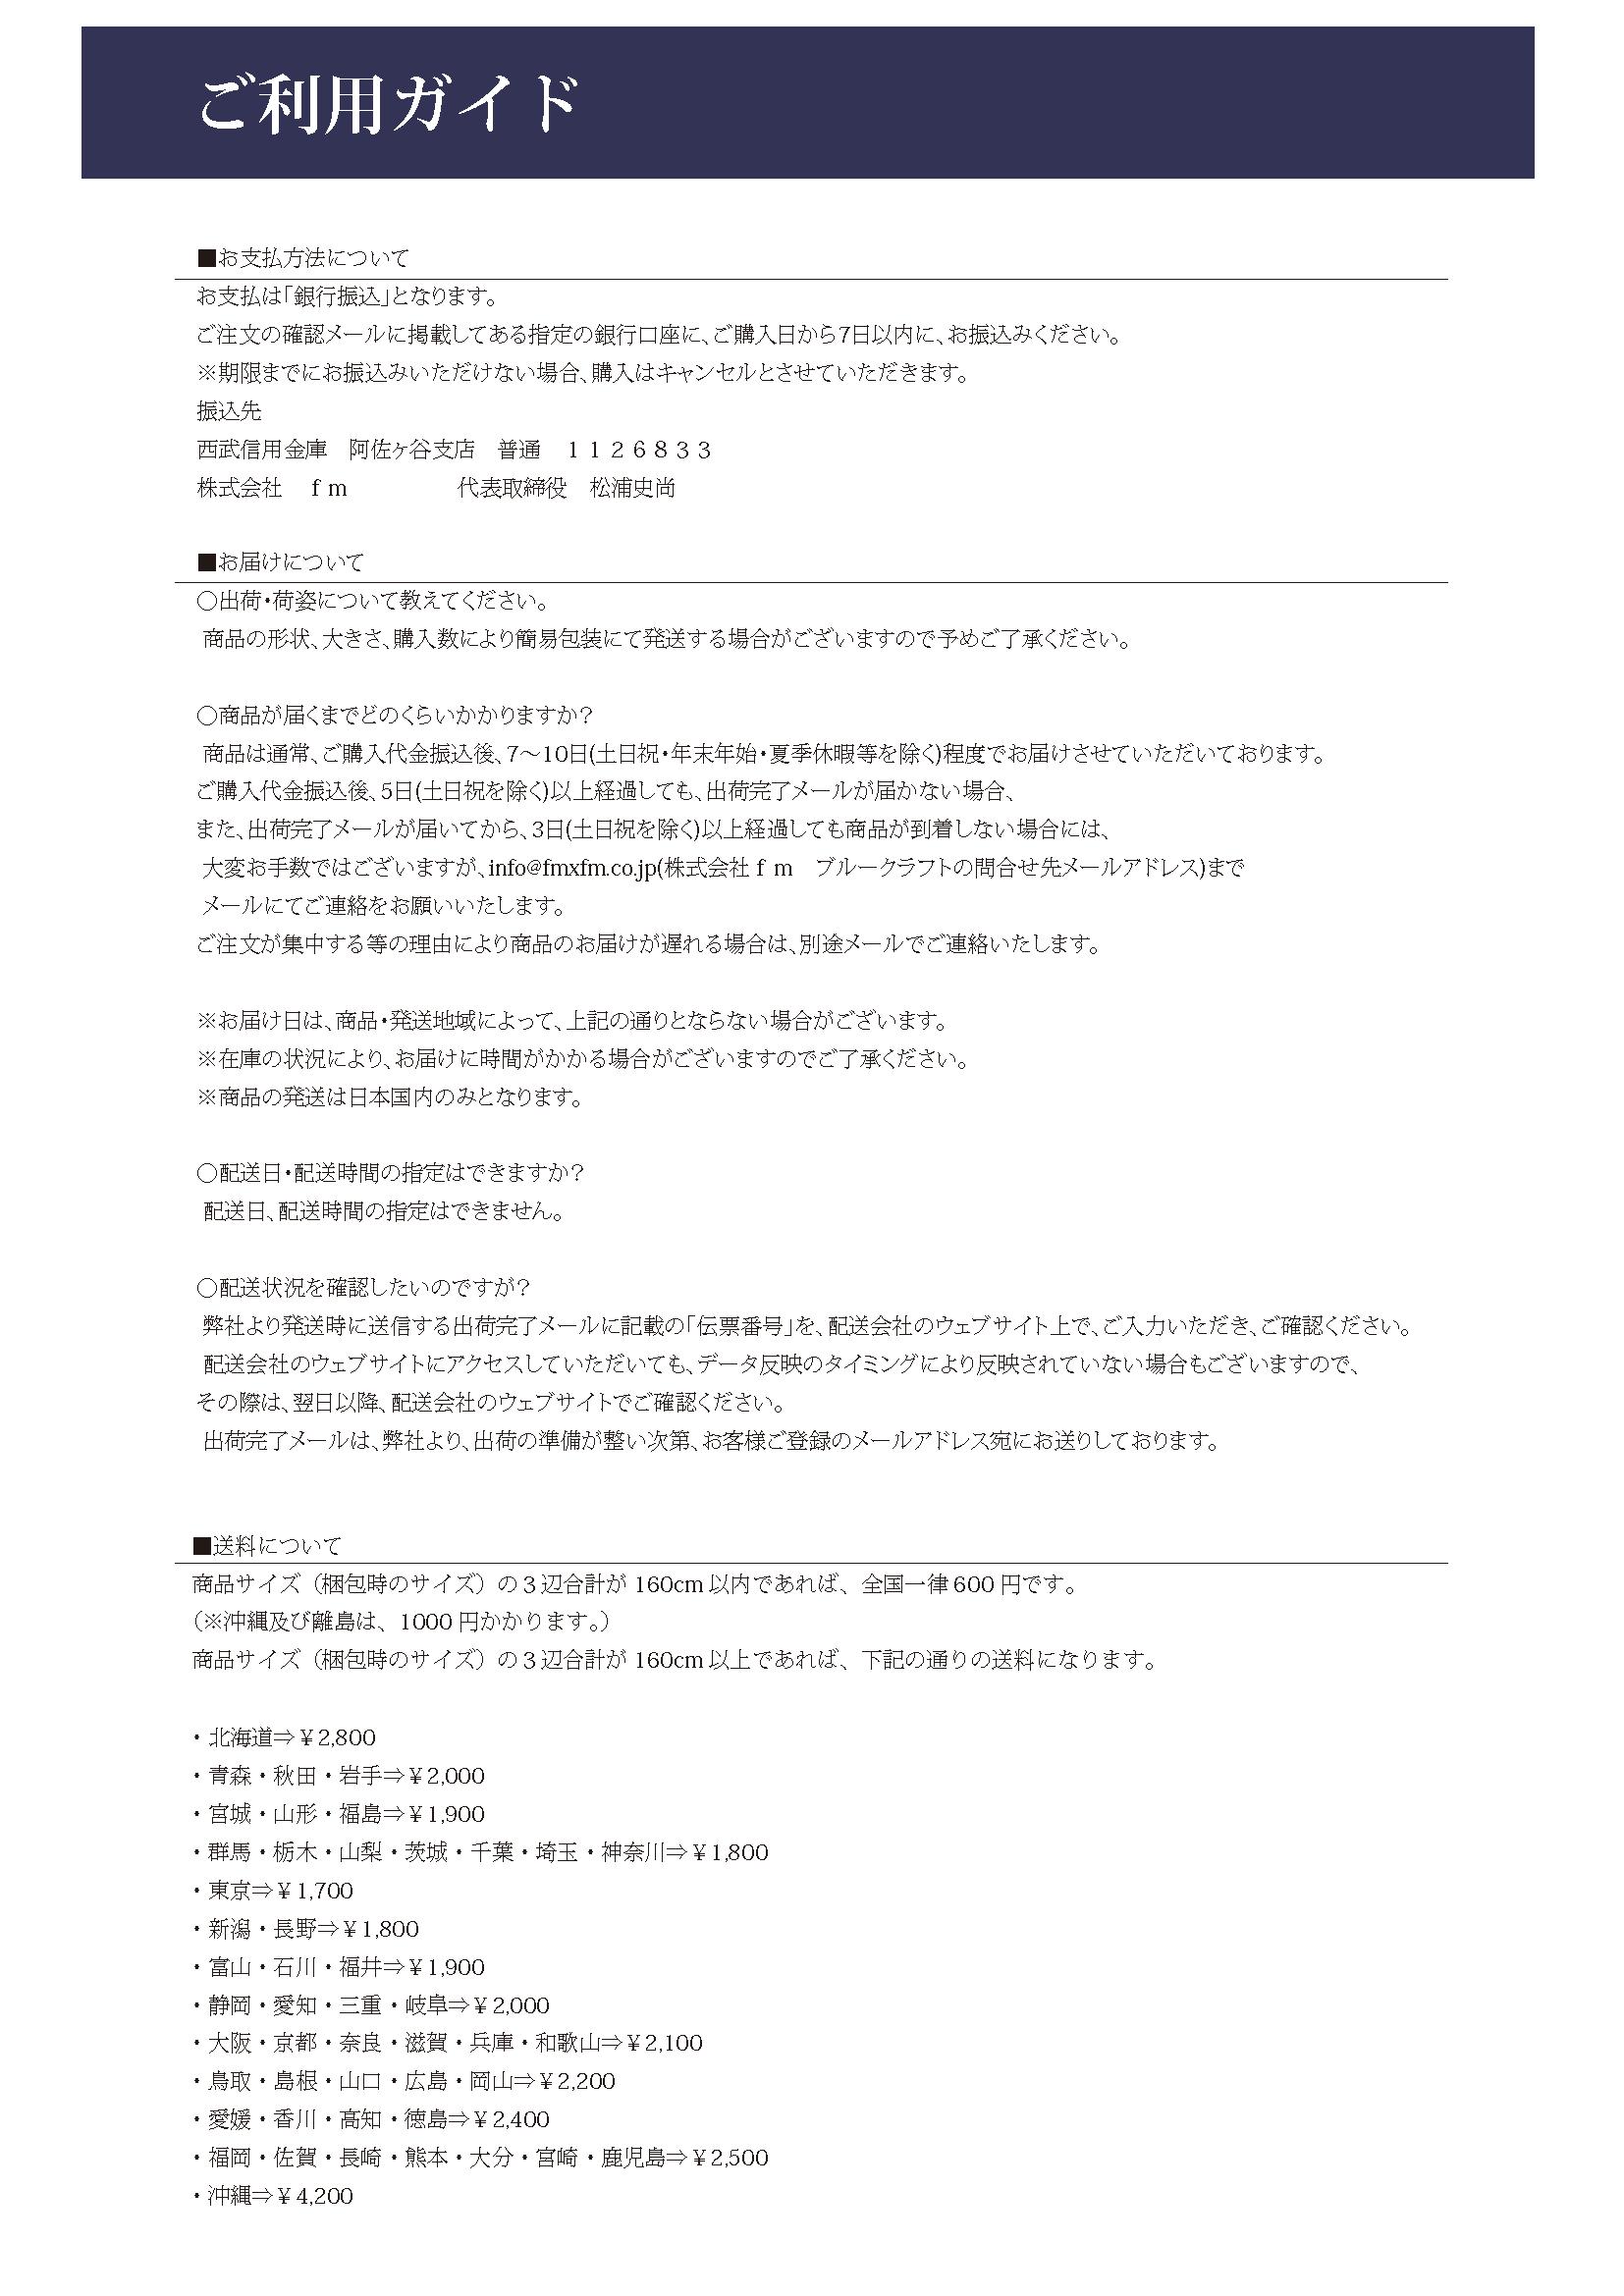 ブルークラフトNEWカタログ02最新_ページ_09